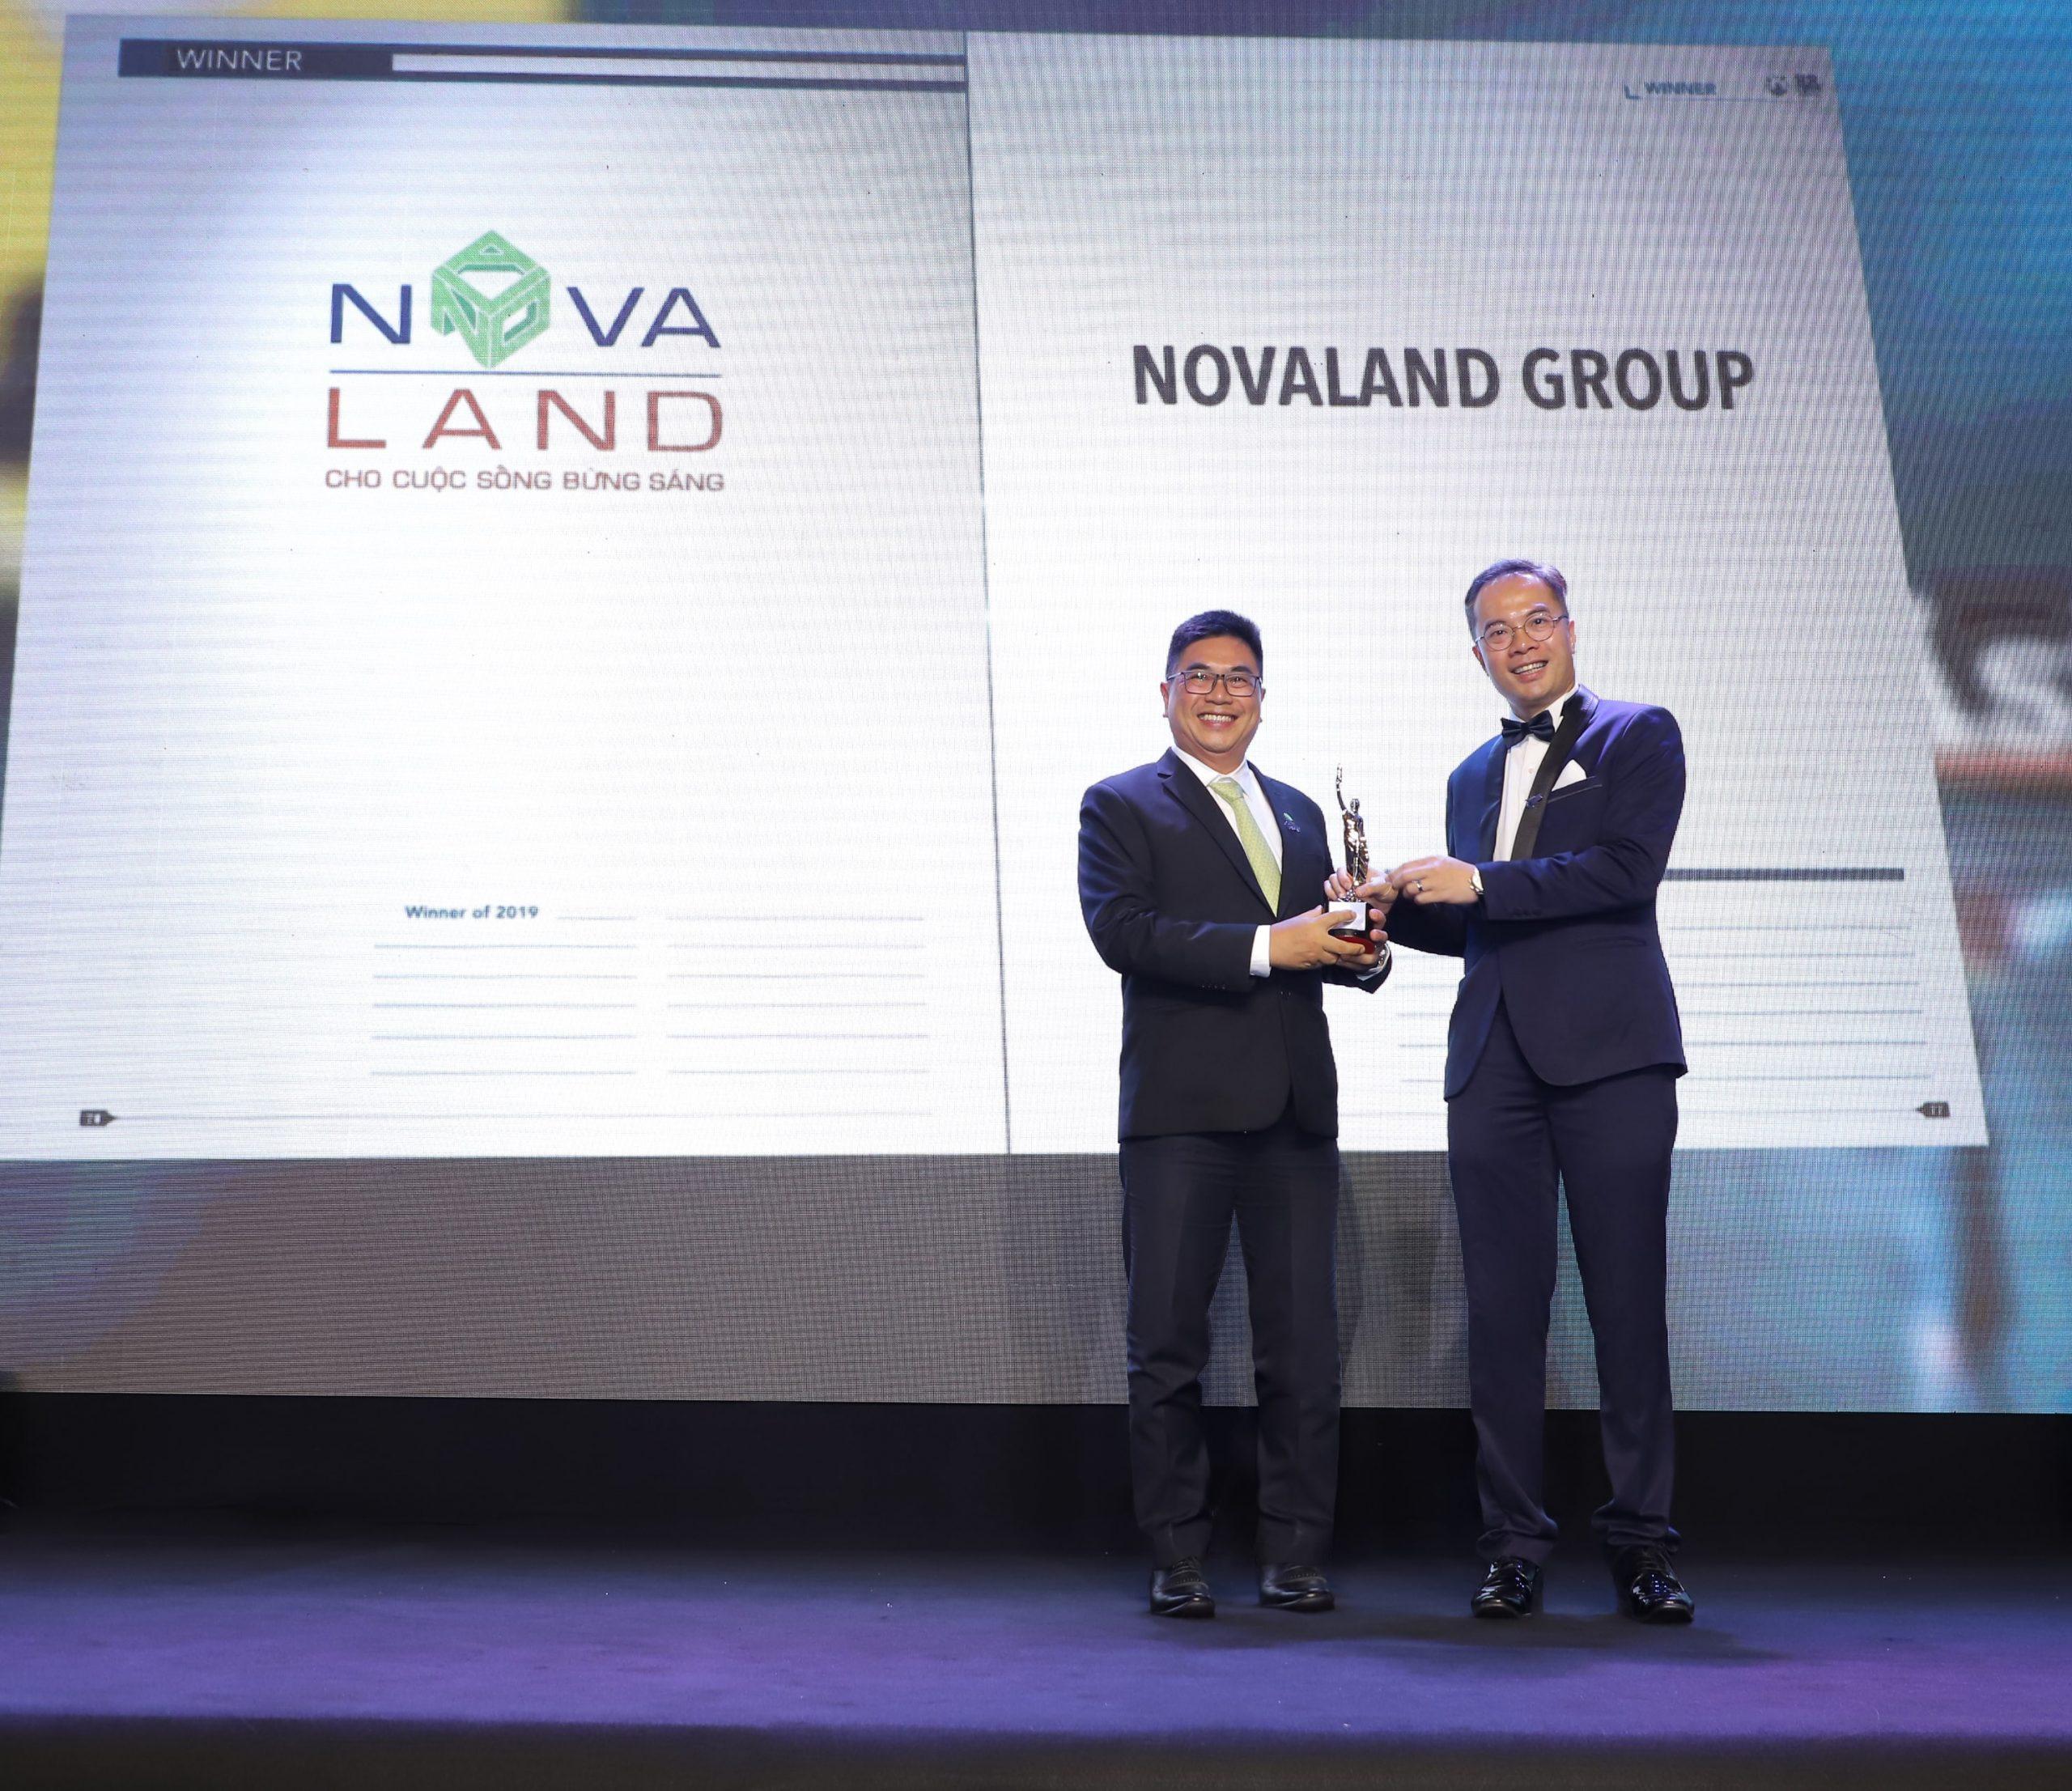 Người đứng đầu Novaland là ai?